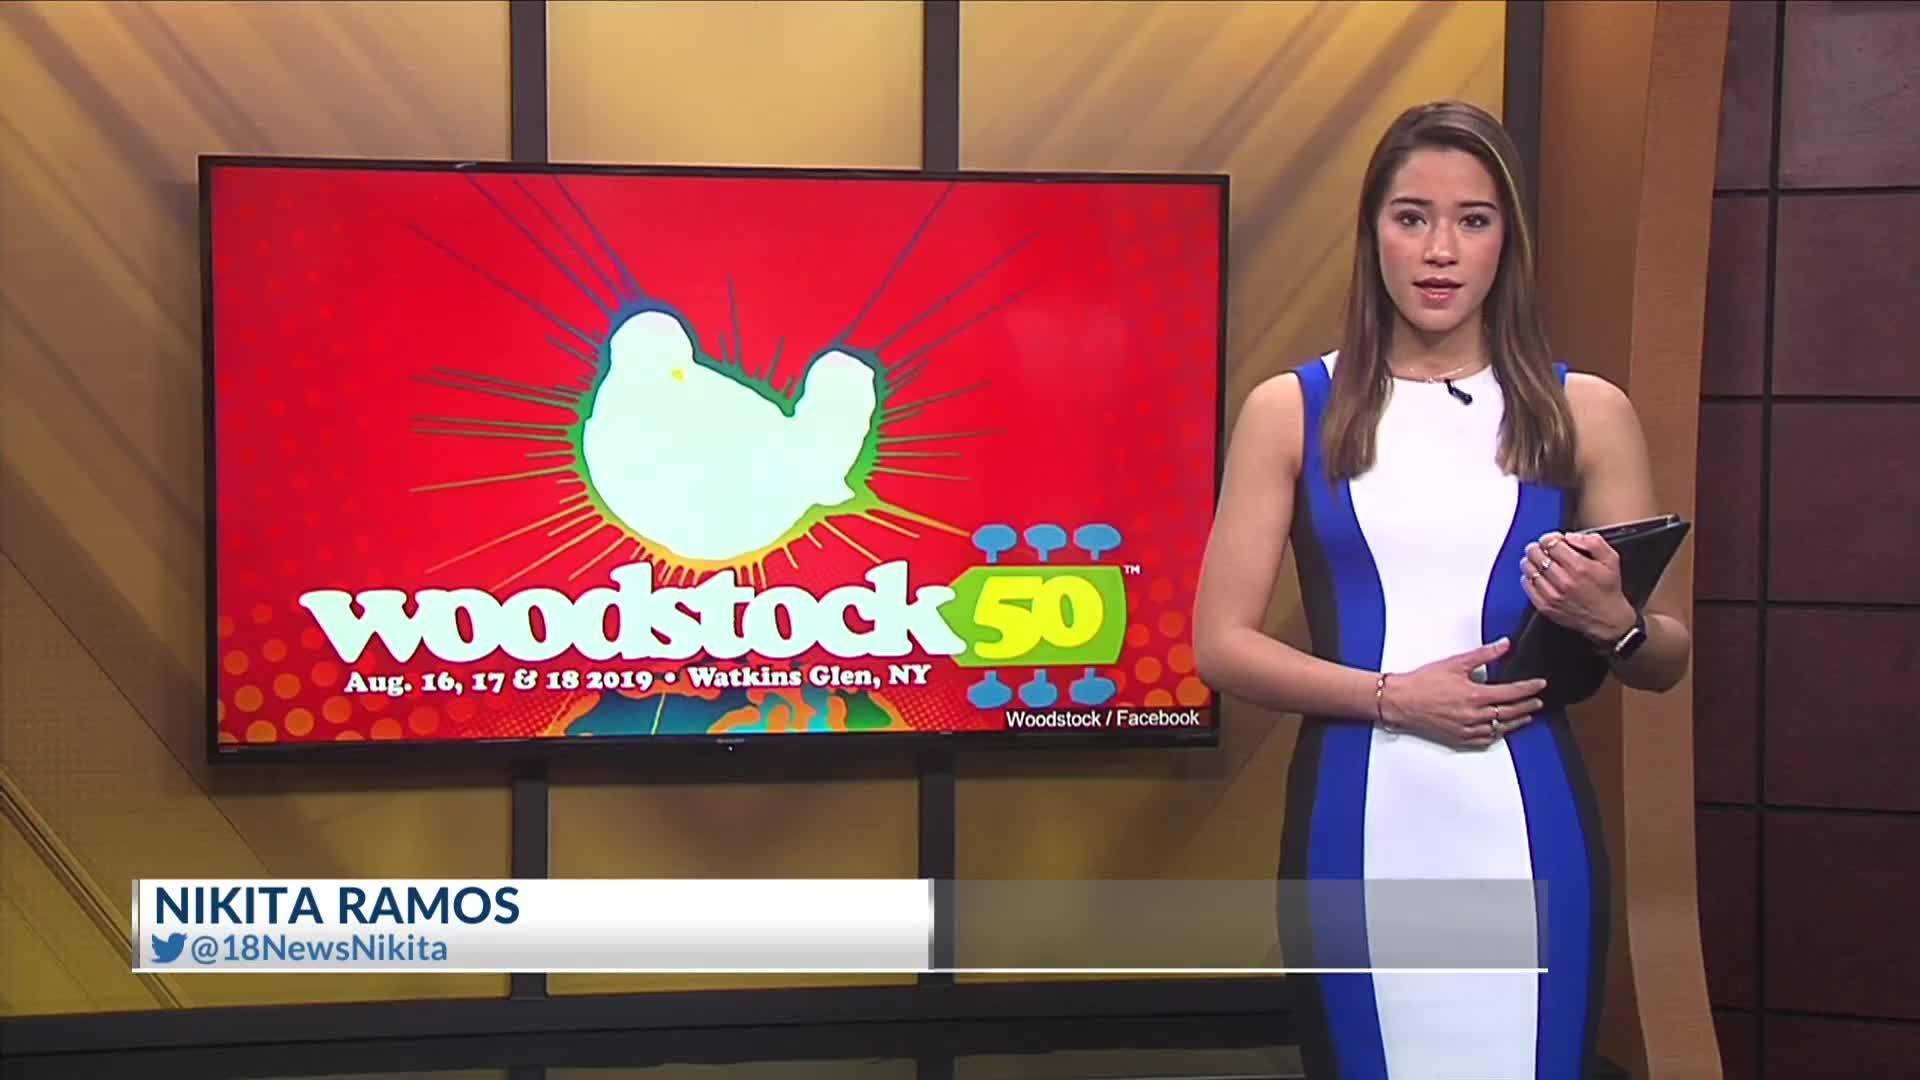 Woodstock_money_put_into_escrow_1_20190522224618